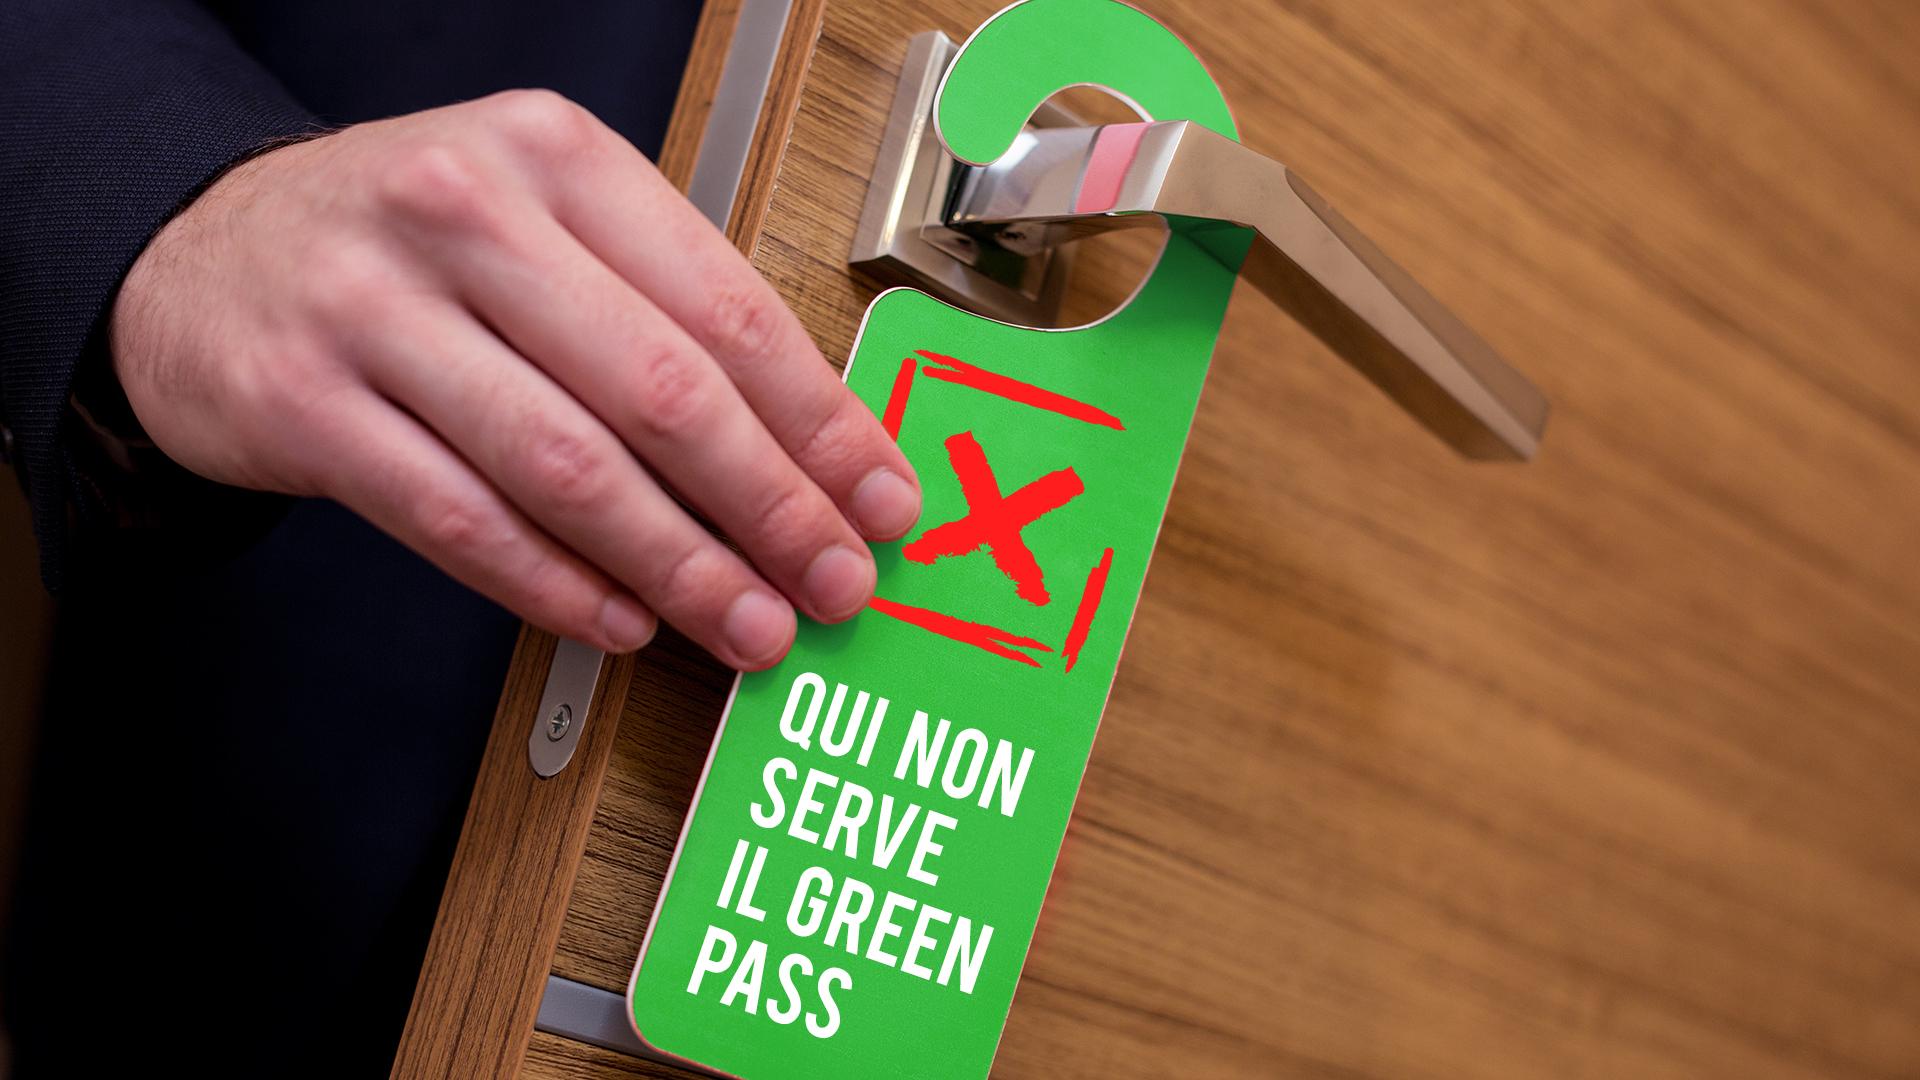 Do not disturb sign hanging on the door